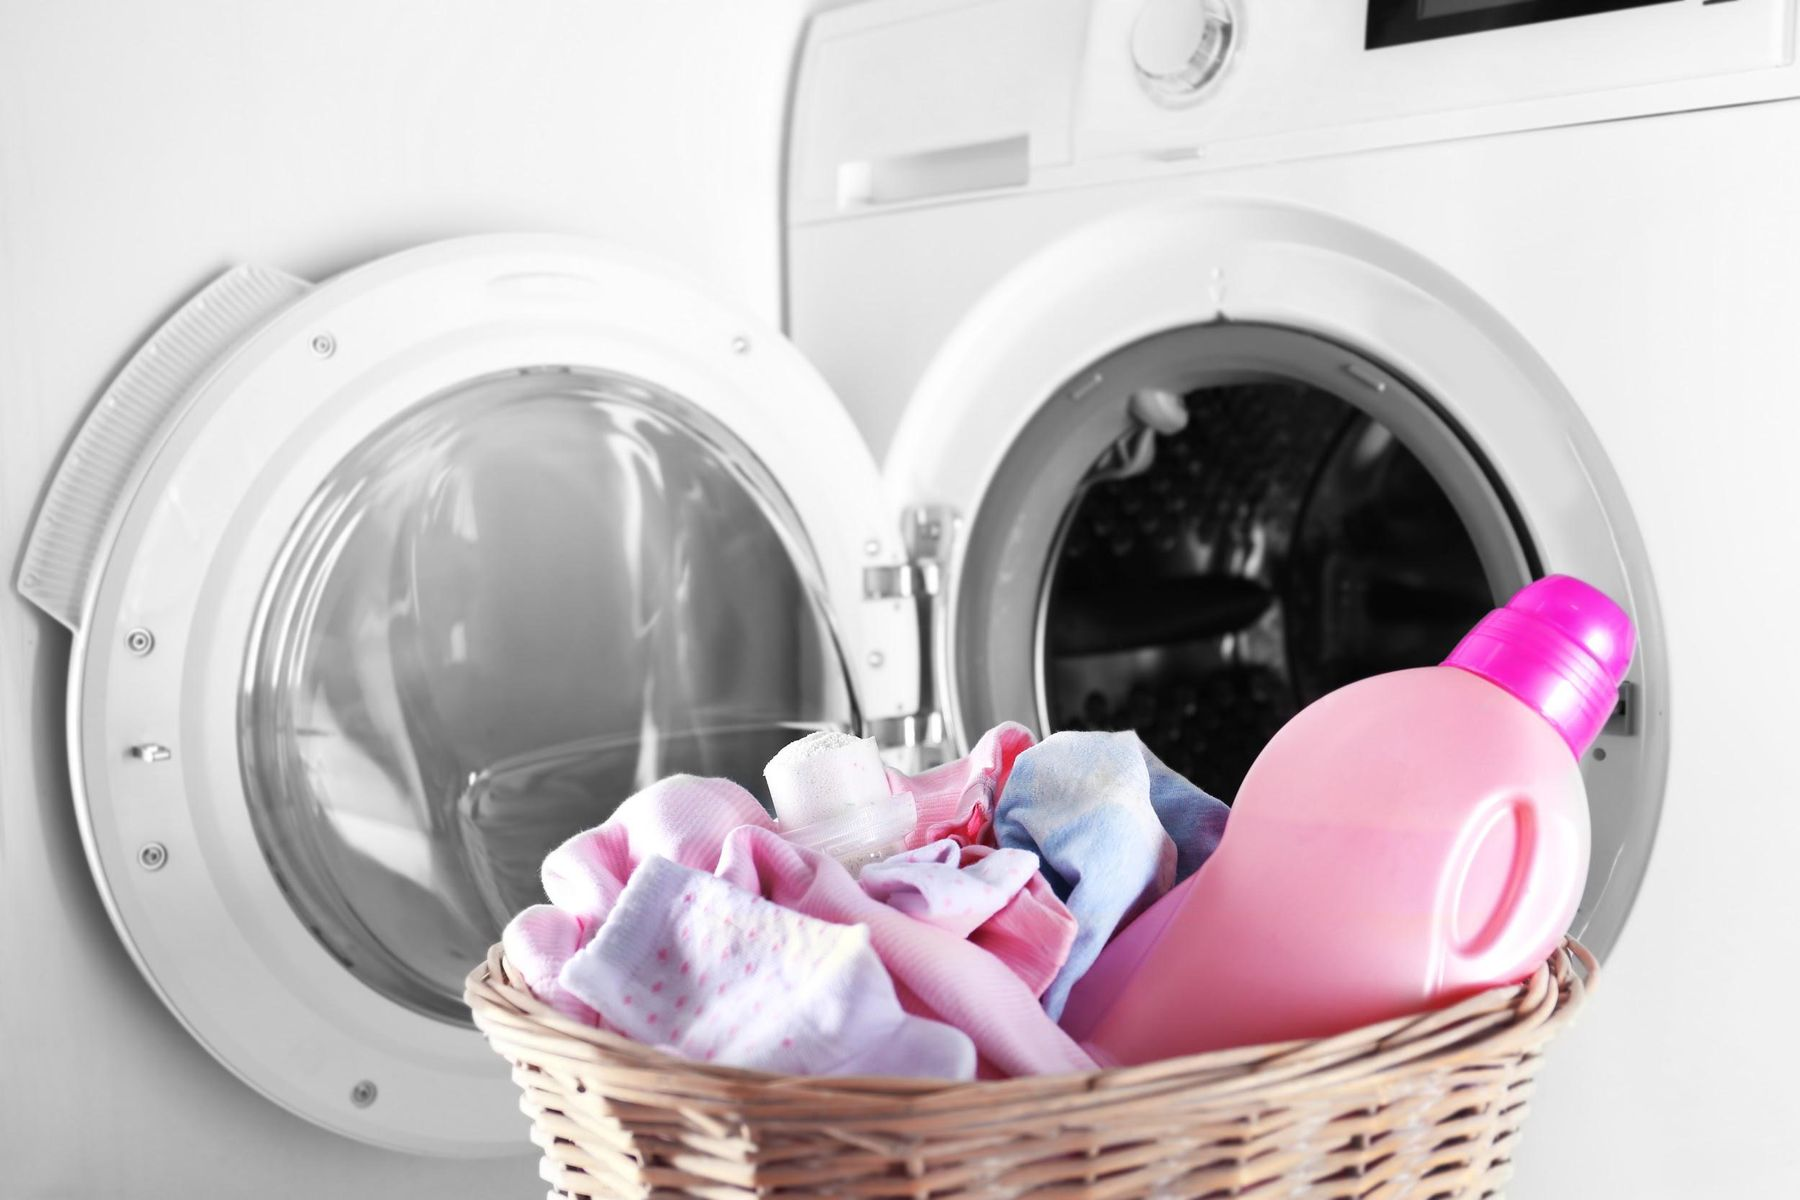 Máquina de lavar e cesto com amaciante e roupas de bebê